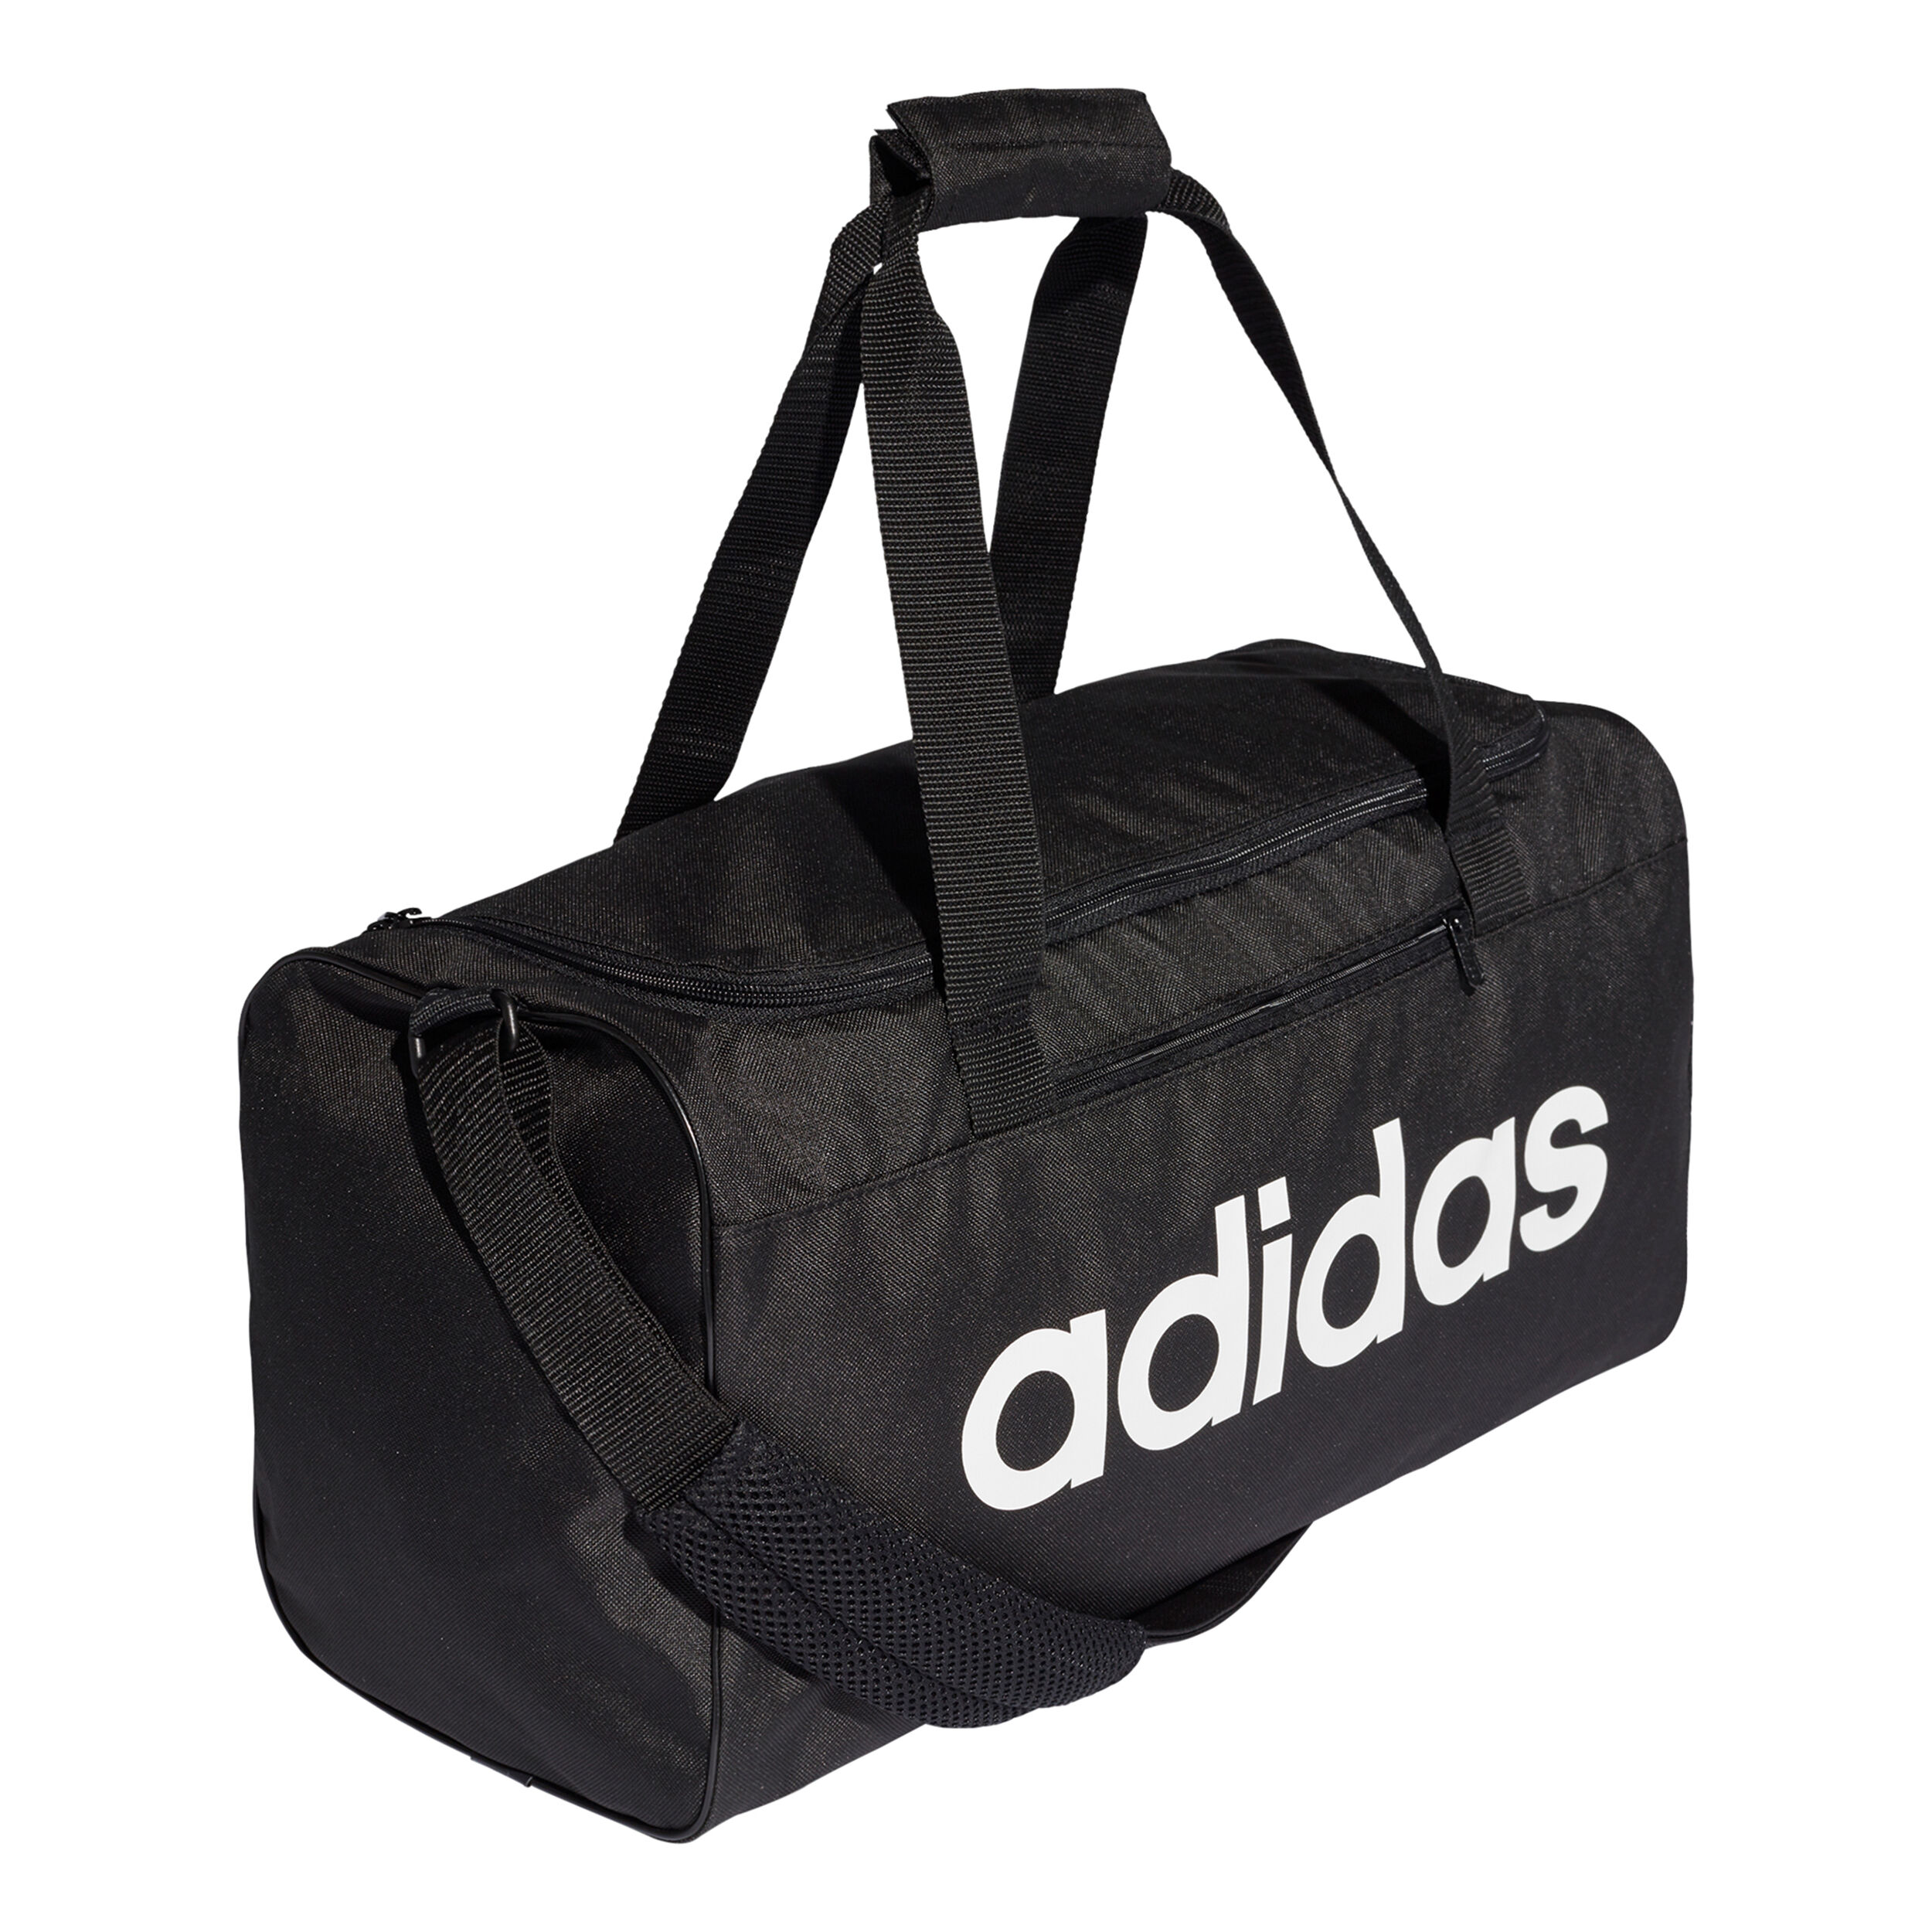 NegroBlanco Deporte Small Online Linear Core Compra Adidas Bolsa E9YHWD2I